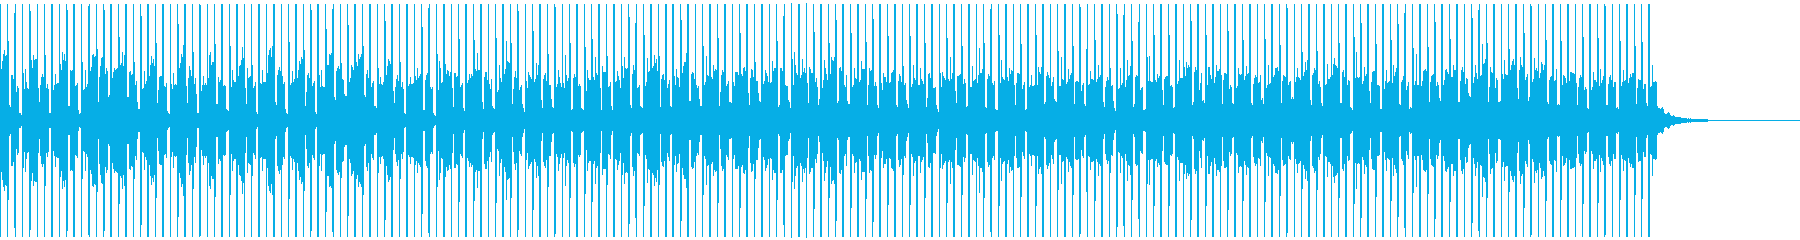 おしゃれなEDMの再生済みの波形